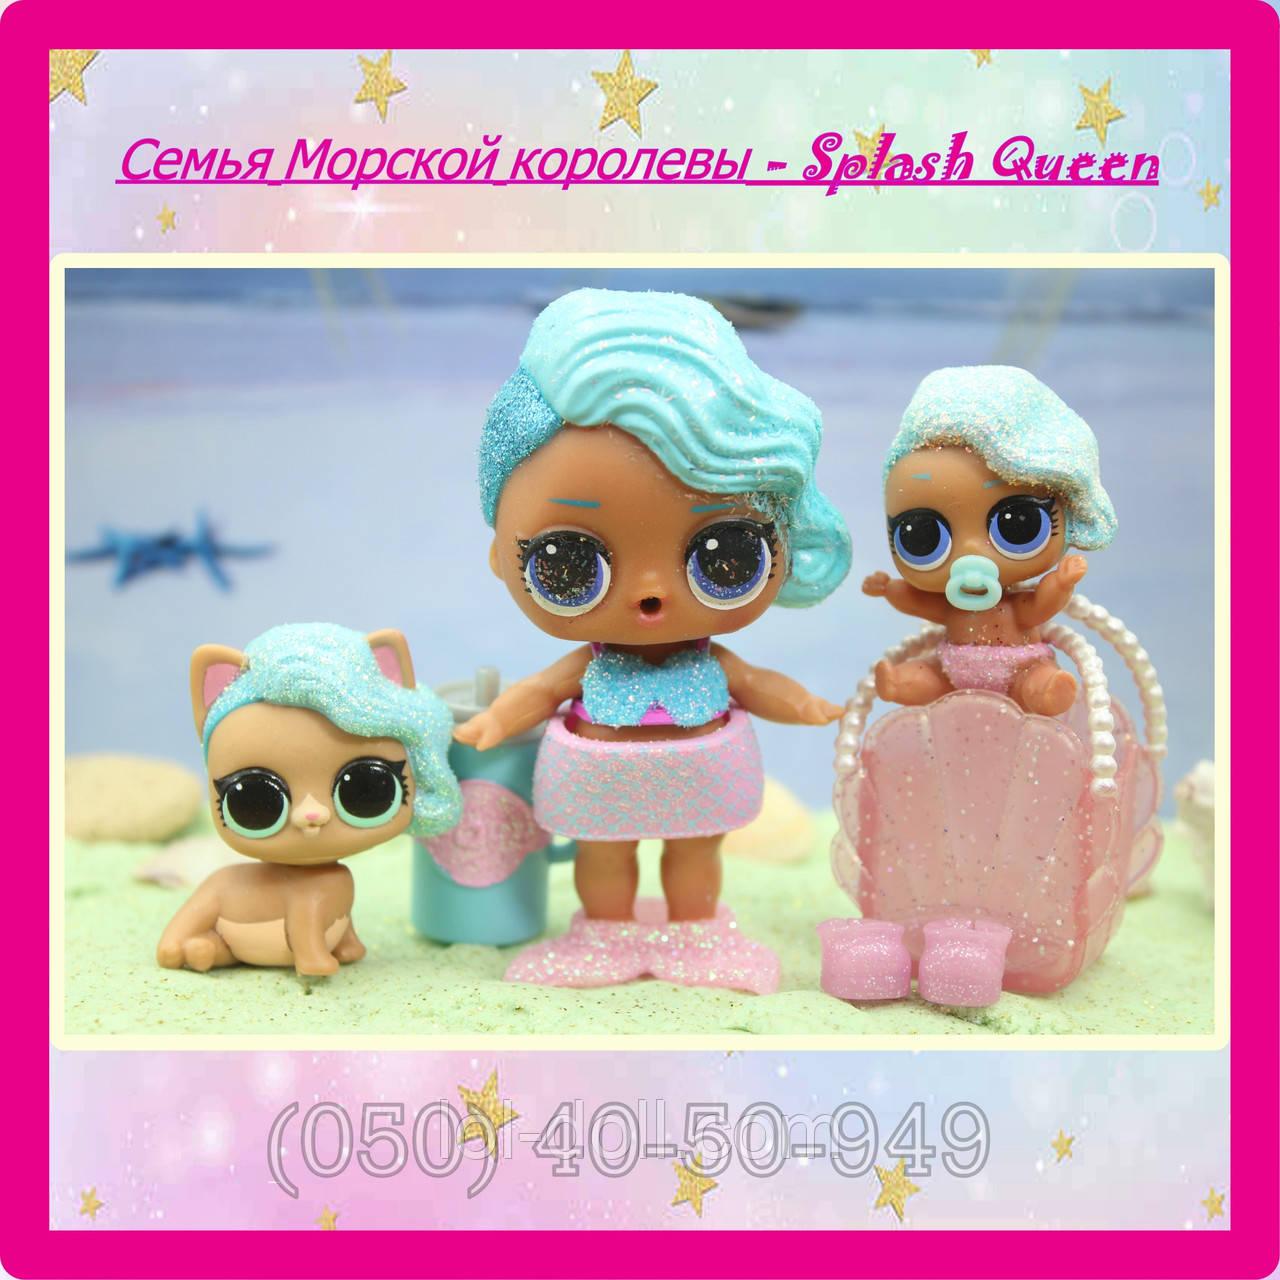 Семья Кукла LOL Surprise Splash Queen - Bling Морская королева Лол Сюрприз